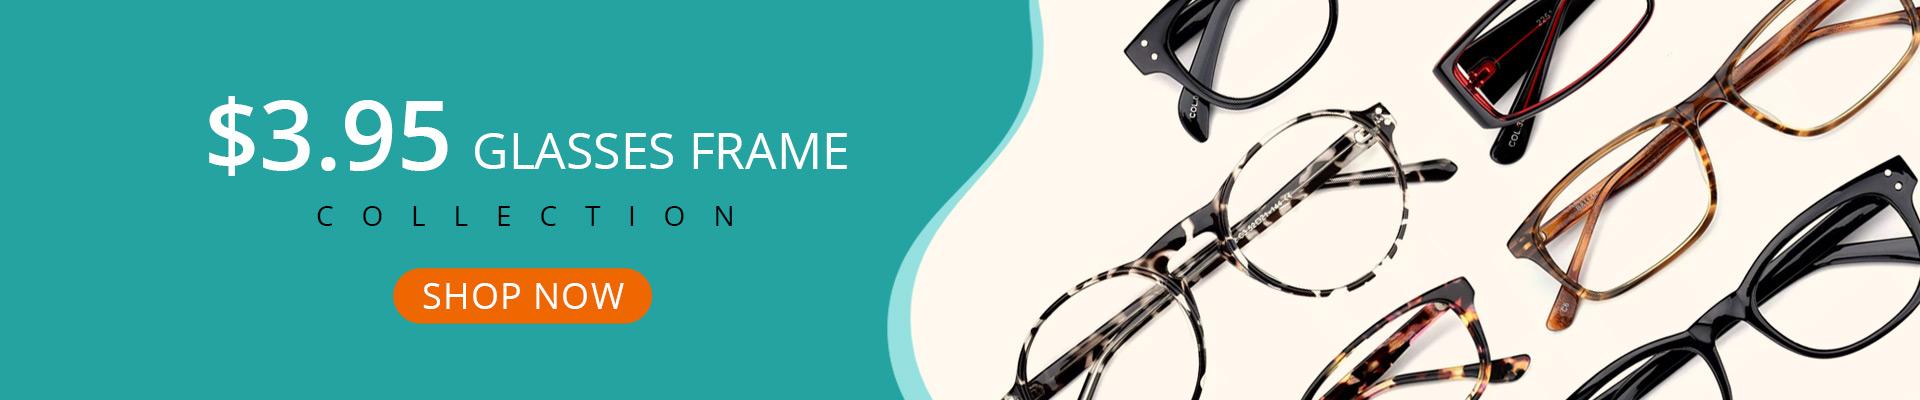 3.95framepclb - $3.95 glasses frames